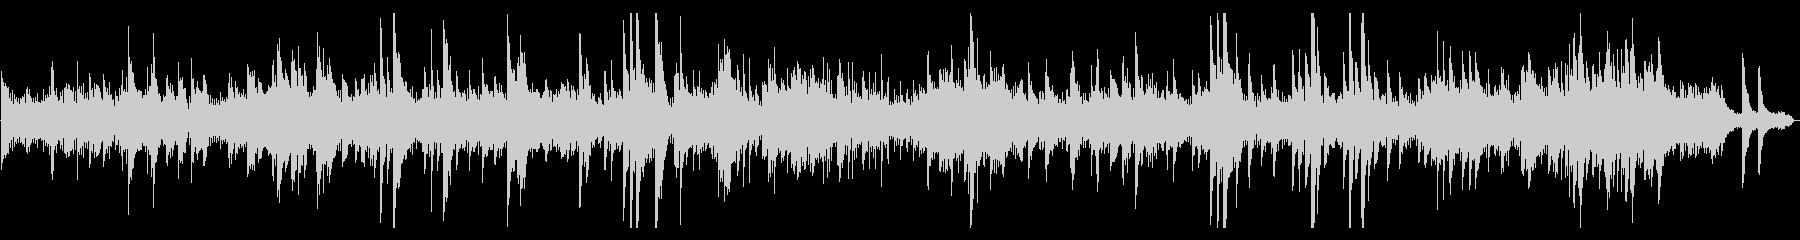 ベートーベン月光ソナタ 高音質の未再生の波形